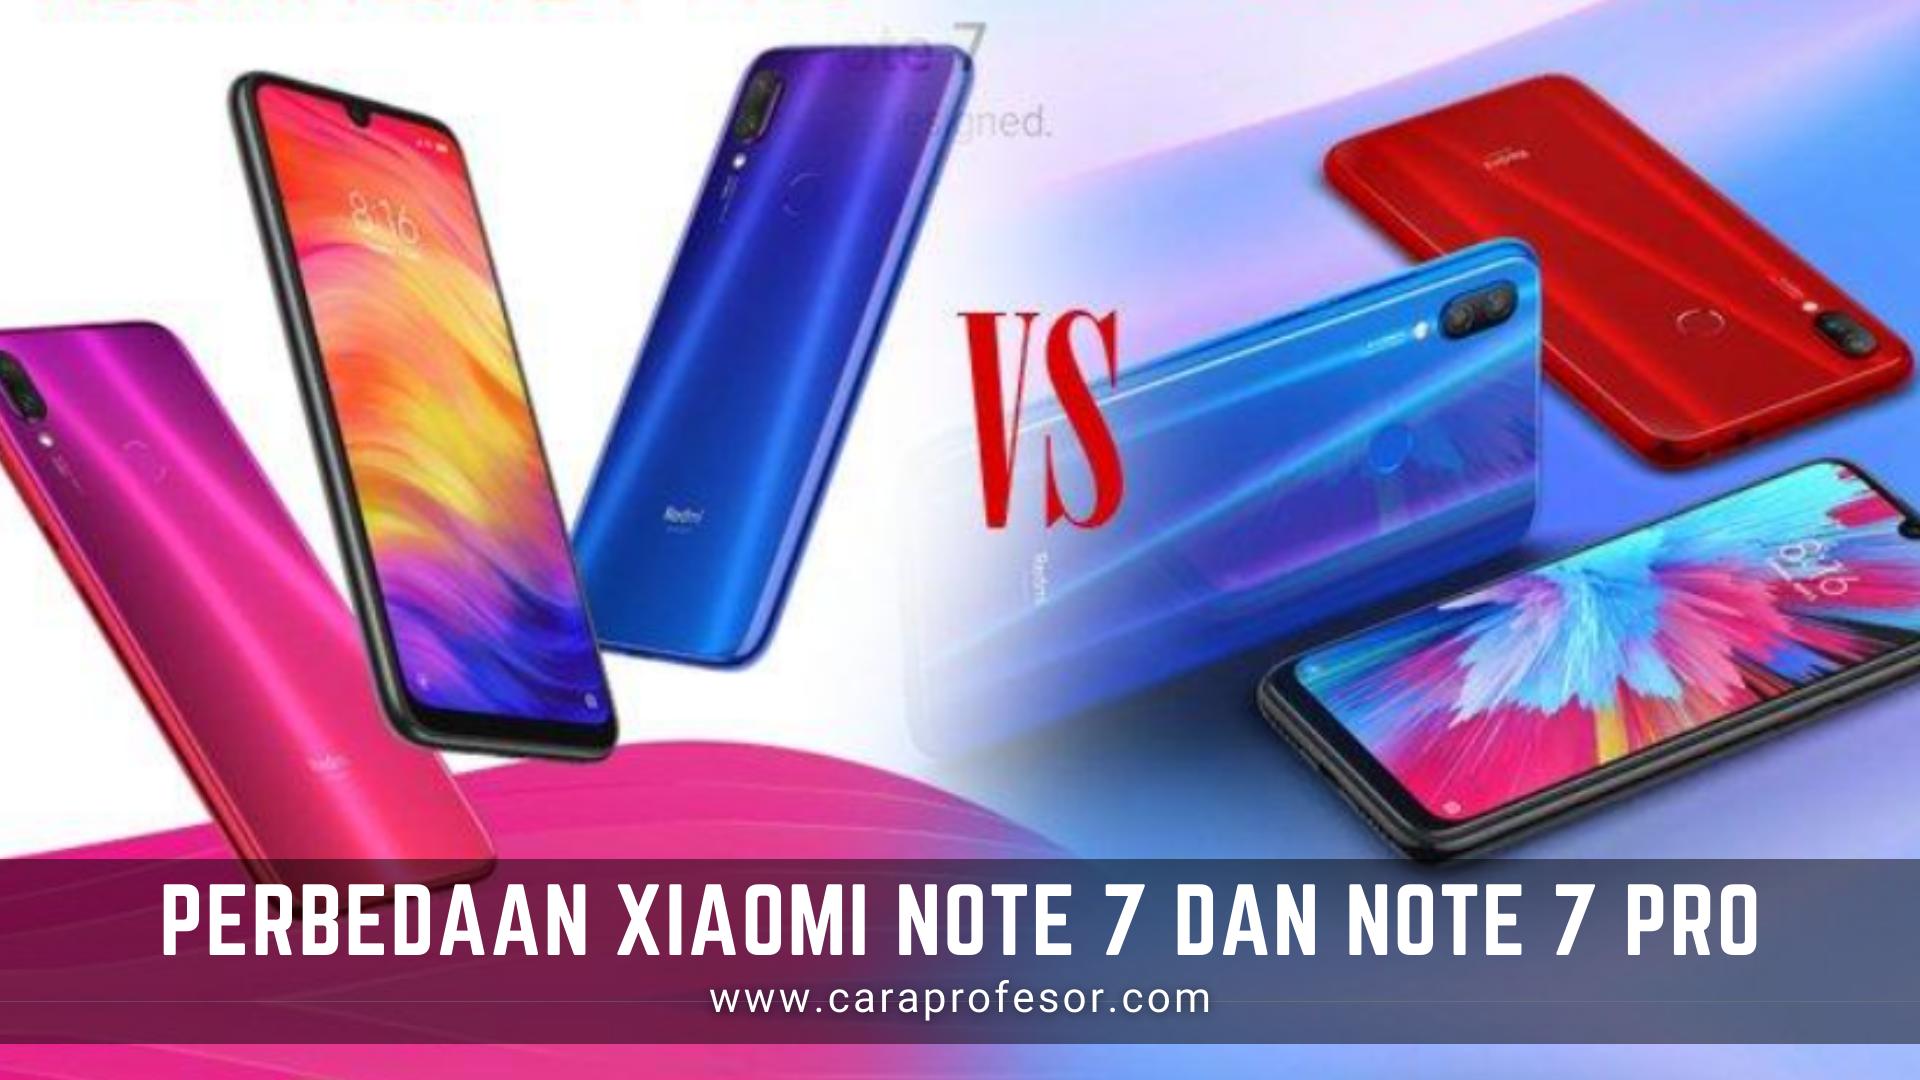 Perbedaan Xiaomi Note 7 dan Note 7 Pro - Apabila disuruh memilih antara Xiaomi Redmi Note 7 dengan Redmi Note 7 Pro, mungkin akan cukup sulit. Wajar saja rasanya. Sebab, dua varian tersebut adalah bagian lini produk Redmi Note 7-series yang tengah laris-larisnya.  Banyak sekali keunggulan produk ini yang mampu memikat orang untuk membelinya. Bahkan, per 10 Juli 2019 silam, jumlah total penjualannya saja telah mencapai sekitar 15 juta unit di seluruh dunia. Jumlah yang tergolong banyak untuk ukuran HP yang baru rilis.  Di Indonesia sendiri, Anda hanya bisa memperoleh Xiaomi Redmi Note 7 yang sudah beredar secara resmi. Xiaomi belum memiliki rencana untuk menghadirkan versi pro tersebut ke luar Tiongkok dan India. Padahal kedua versi tersebut sebenarnya memiliki perbedaan cukup signifikan.  Apa saja perbedaan Xiaomi Note 7 dan Note 7 Pro? Yuk, langsung saja simak ulasan artikelnya yang sudah caraprofesor.com rangkum dari berbagai sumber berikut ini!  Beberapa Perbedaan Xiaomi Note 7 dan Note 7 Pro  Sumber: https://www.androidponsel.com  1. Layar dan Ukuran Bodi  Anda tidak akan mengenali perbedaan fisik Xiaomi Redmi Note 7 dan Redmi Note 7 Pro ini. Keduanya sama-sama ditunjang layar dengan bentang 6.3 inci, terbuat dari panel IPS serta memiliki desain waterdrop notch.  Xiaomi juga membekali Redmo Note 7 Pro dan Xiaomi Redmi Note 7 dengan aspect ratio 19.5:9, kerapatan piksel 409ppi, screen to body ratio 81.21 persen, dan lapisan Corning Gorilla Glass 5. Sampai pada resolusi layar tersebut pun, kedua smartphone tersebut sama-sama di 1080 x 2340 piksel.  Dengan begitu, Anda tidak akan menemukan perbedaan sama sekali jika hanya melihat fisiknya saja. Xiaomi Redmi Note 7 Pro dan Redmi Note 7 benar-benar bak pinang dibelah dua.  Sumber: https://www.riaume.com  2. Prosesor Pengolah Perintah  Perbandingan Xiaomi Redmi Note 7 Pro dengan Redmi Note 7 baru terasa begitu Anda mencobanya. Kemungkinan tidak terlalu banyak, namun semestinya cukup berbeda.  Sebab, Xiaomi hanya menan